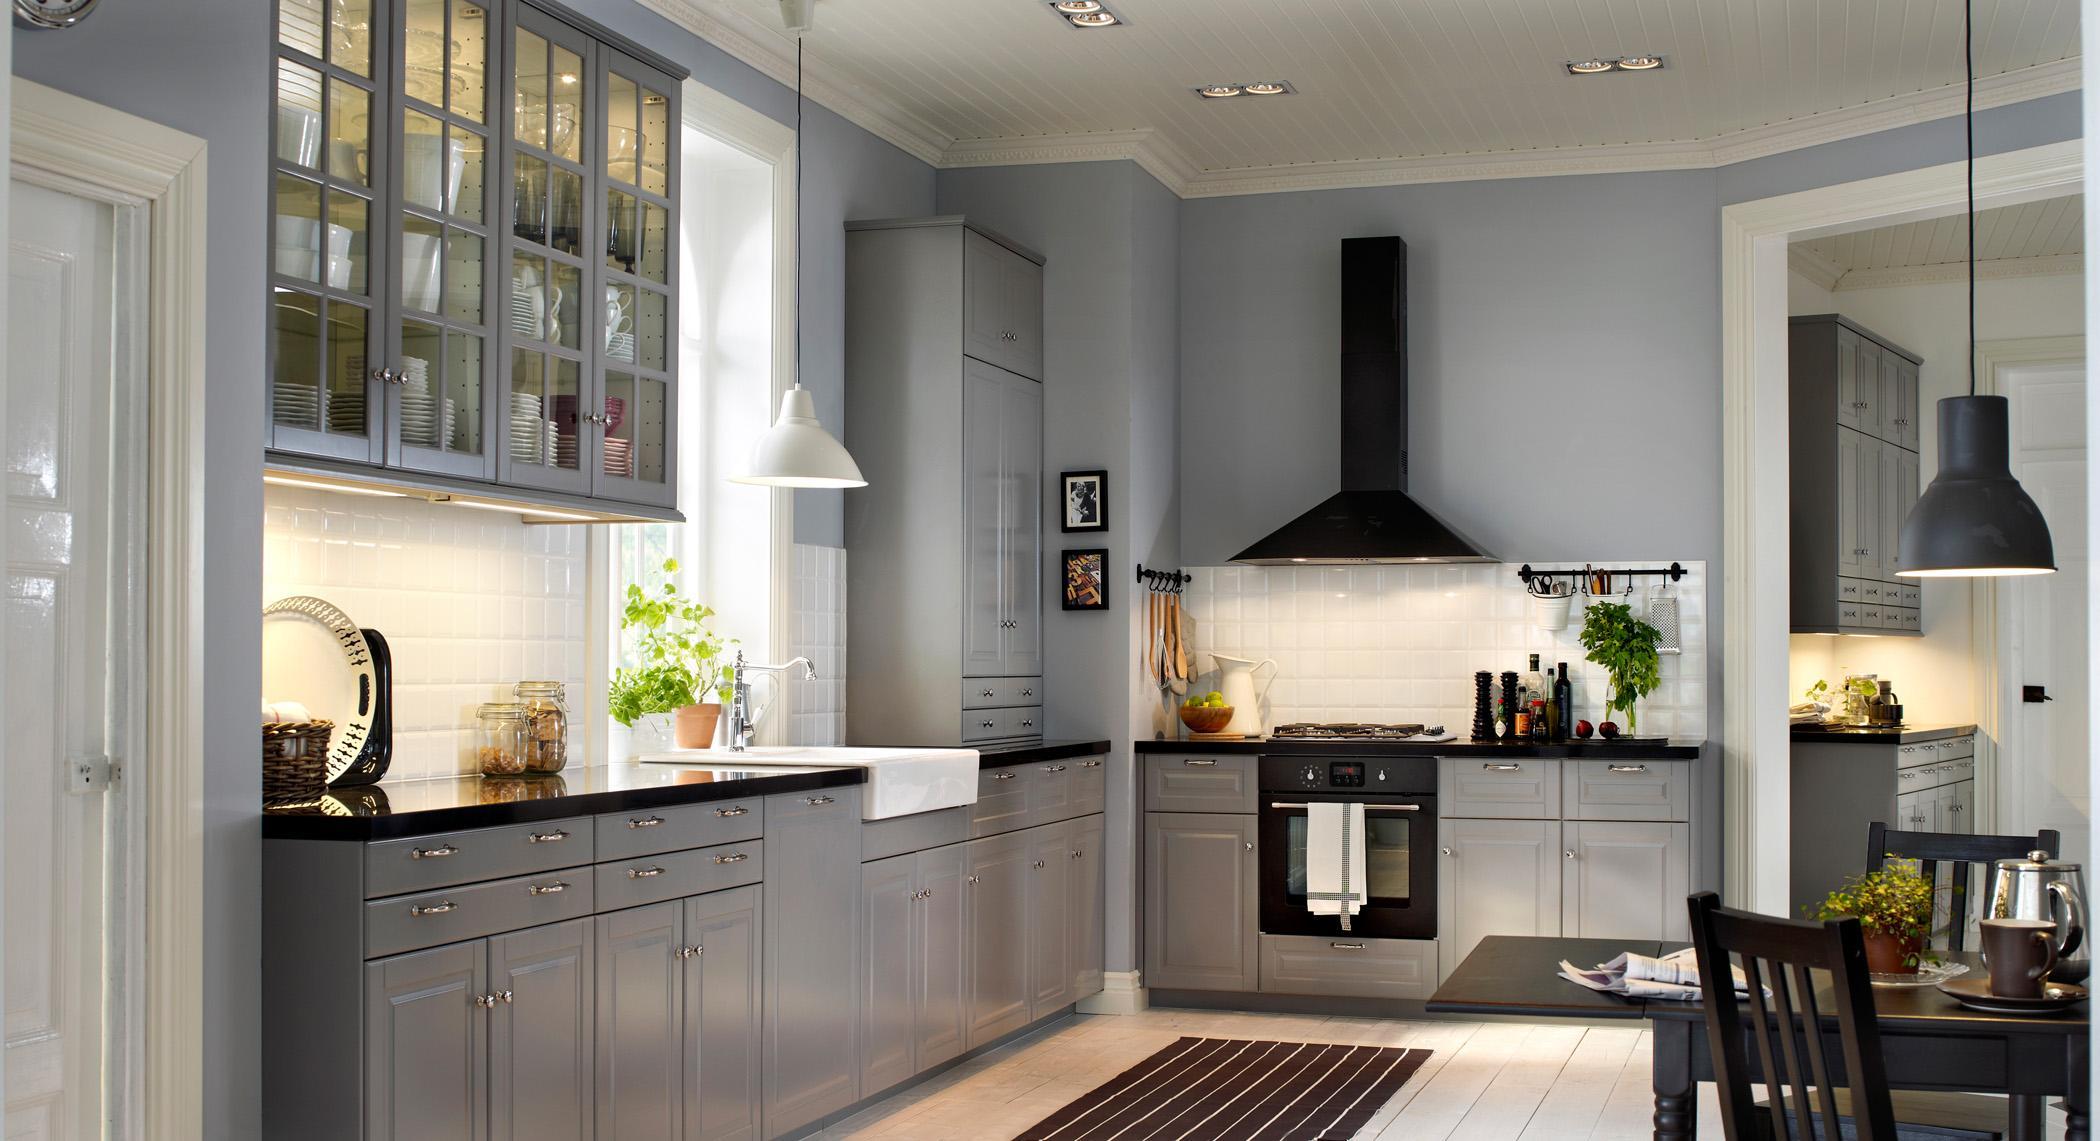 Beleuchtung in der Küche #teppich #esstisch #hängesc...